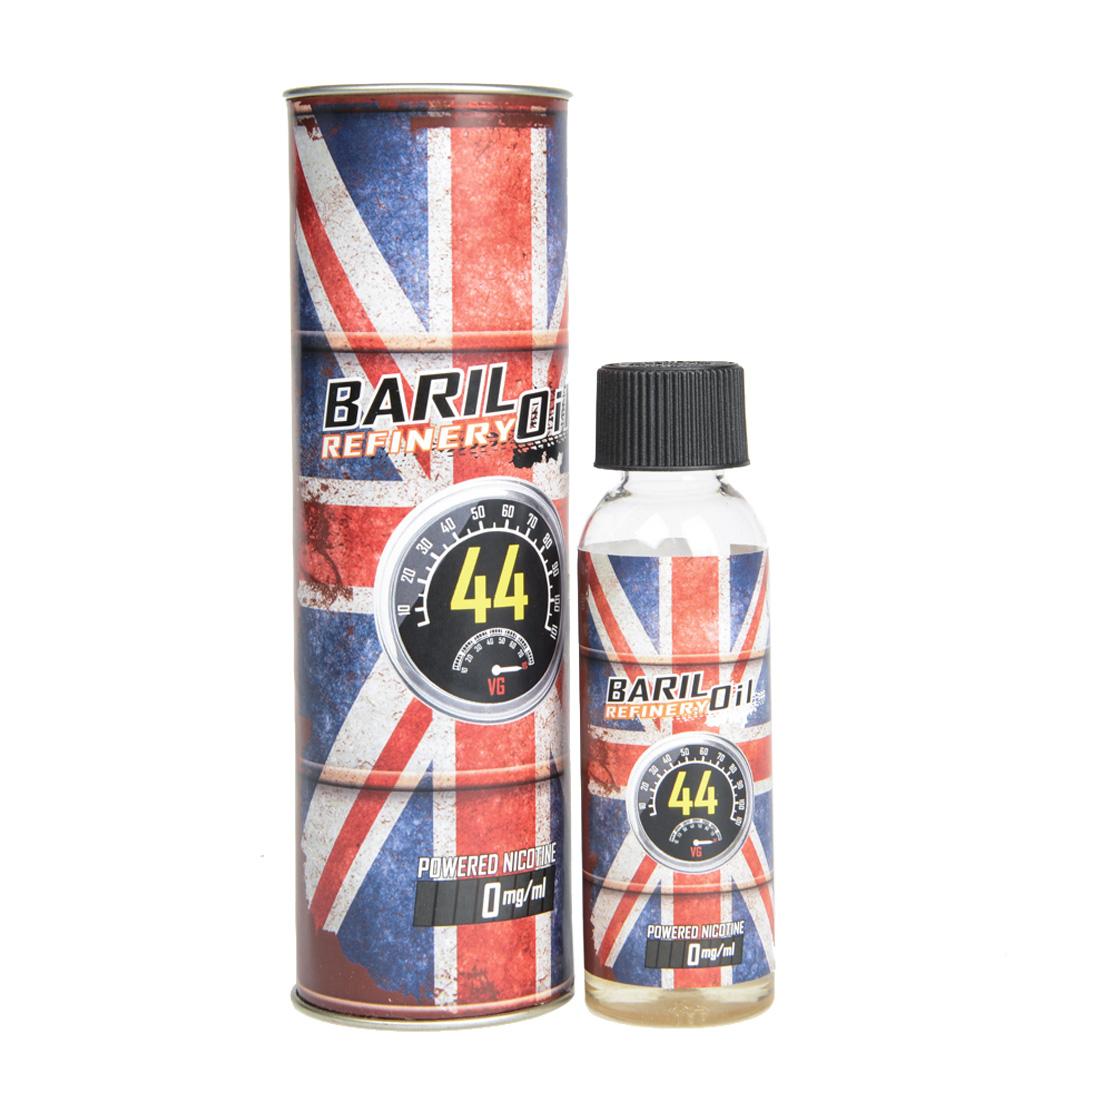 E-LIQUIDE BARIL OIL 44 40ML